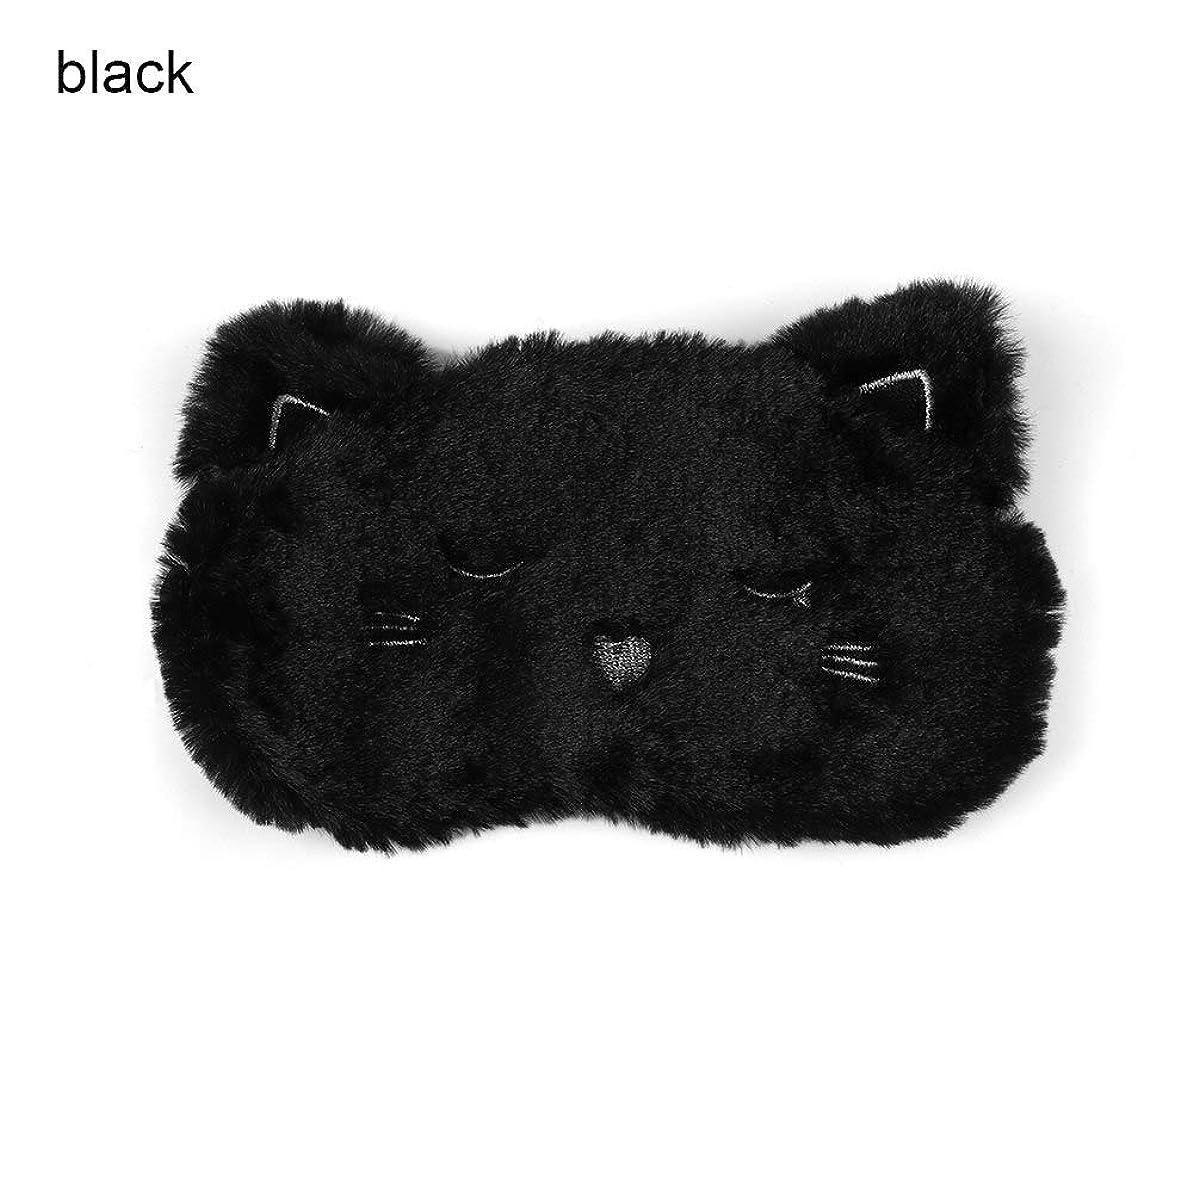 大腿コンパクトエイリアスNOTE 漫画黒白猫子猫アイマスクホームトラベルゴーグルシェーディング睡眠仮眠アイマスク睡眠&いびきアイマスク睡眠アイシェード